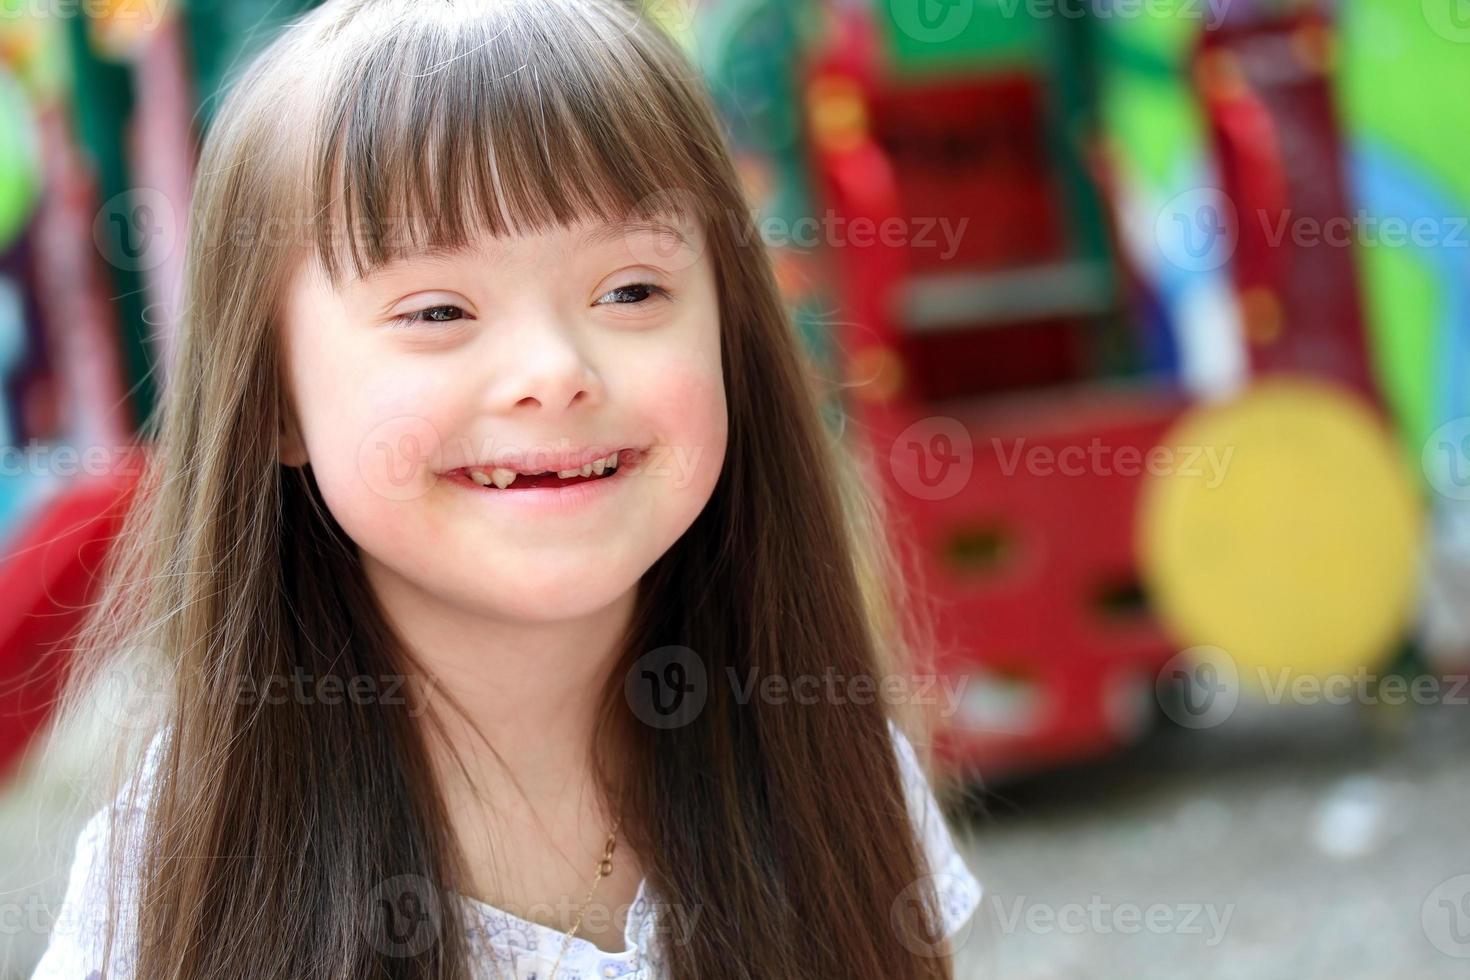 Porträt eines kleinen Mädchens mit Downs-Syndrom foto